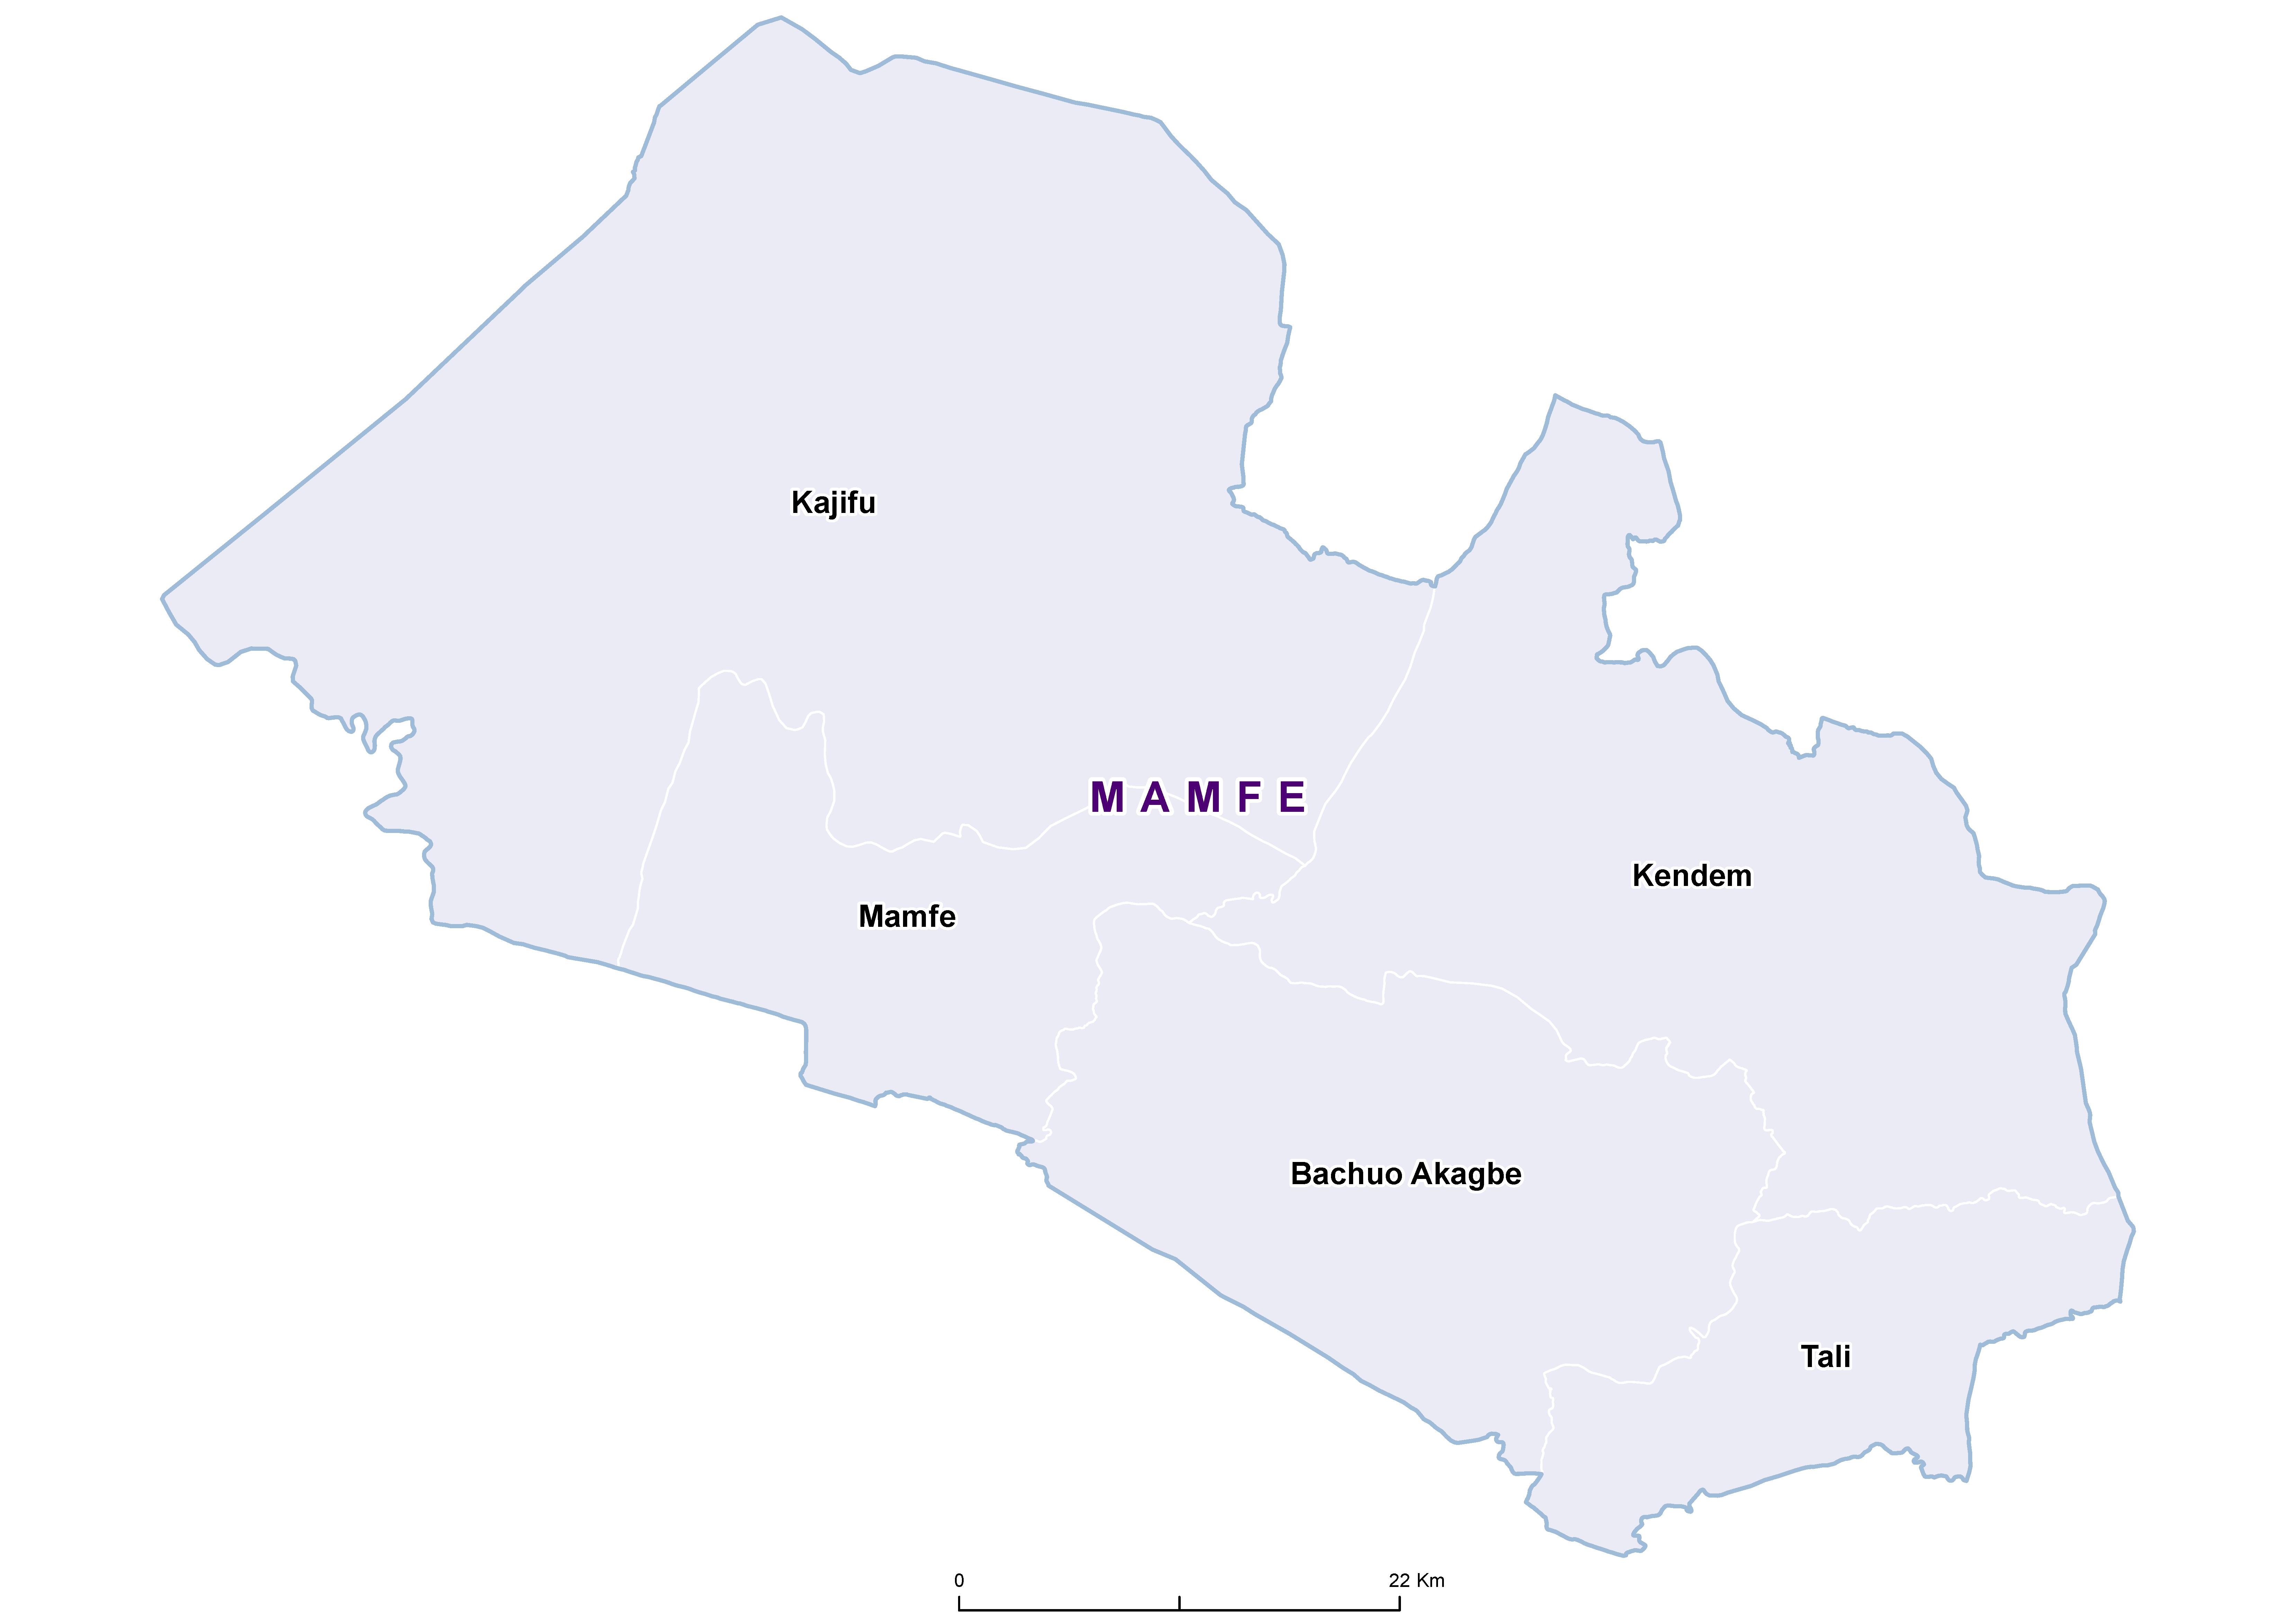 Mamfe STH 19850001